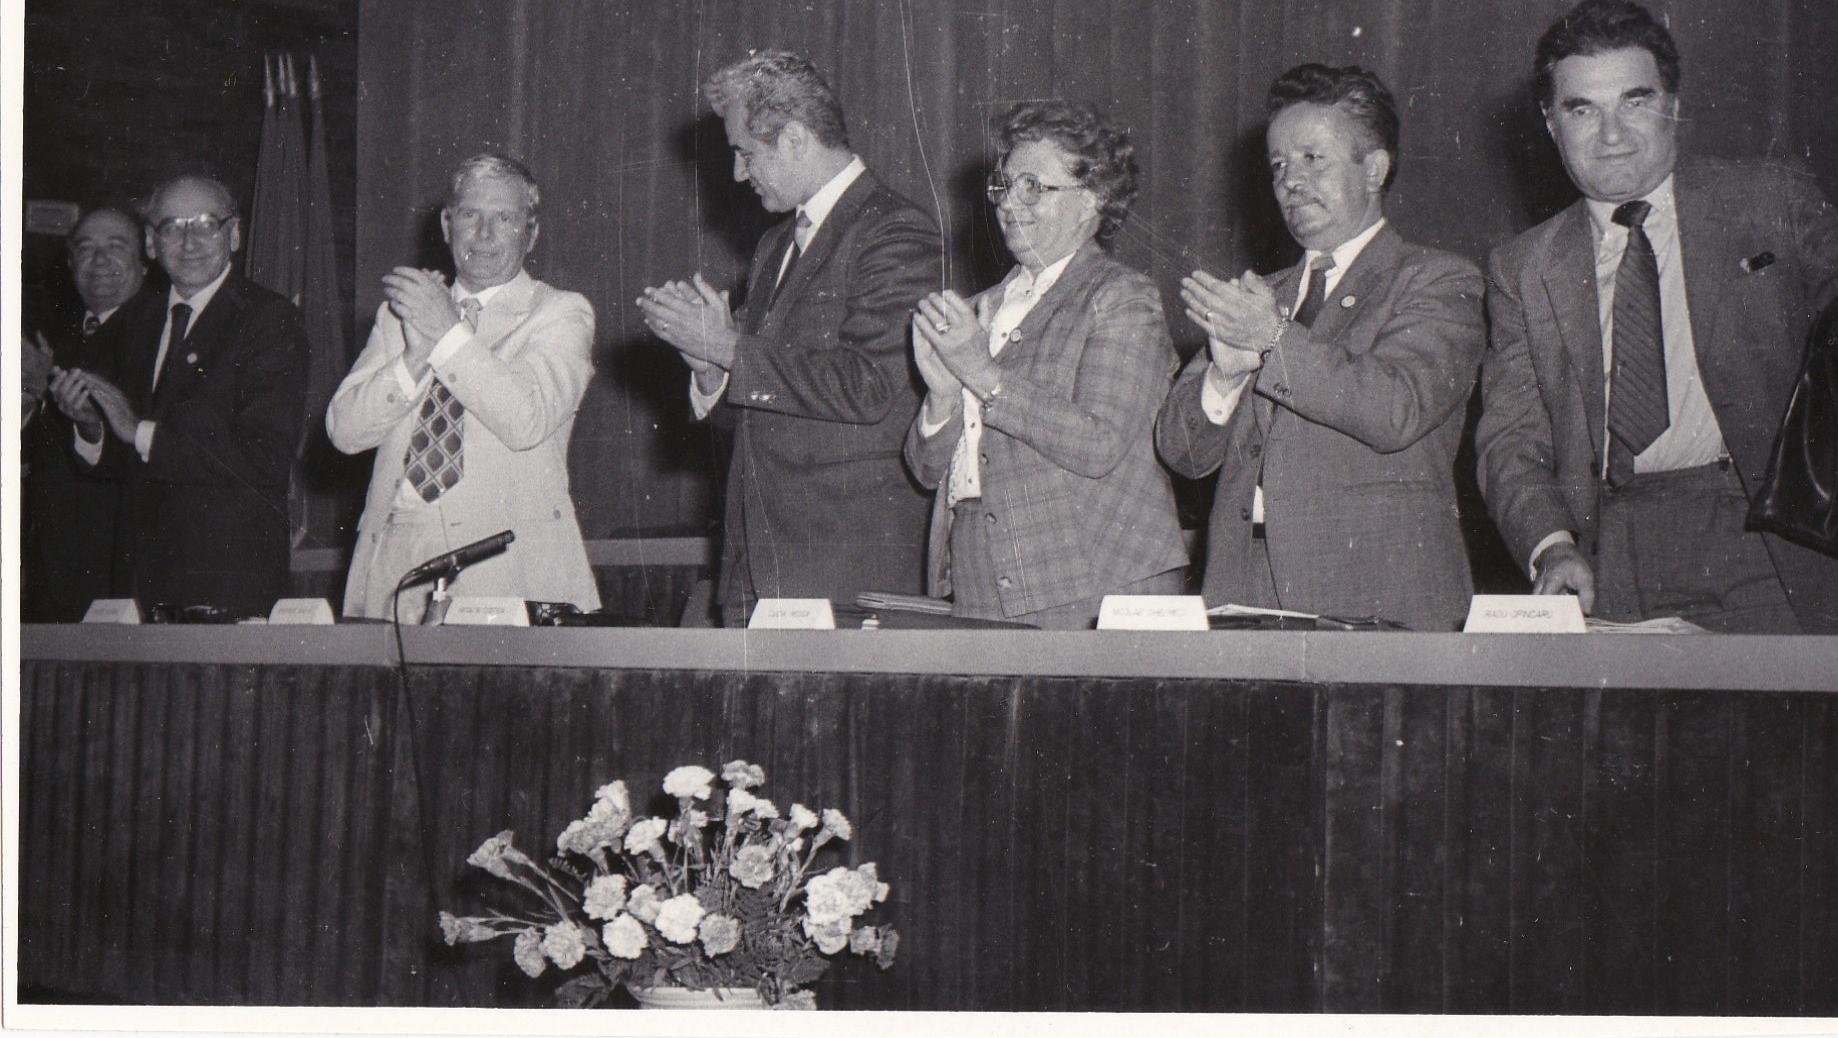 17 -Aniversare Icemenerg 25 de ani, 1985, Calin Mihaileanu, Gheorghe Balan, un oficial de la partid, Lucia Rosca, ...Ghelmeci, Jean Pomarleanu